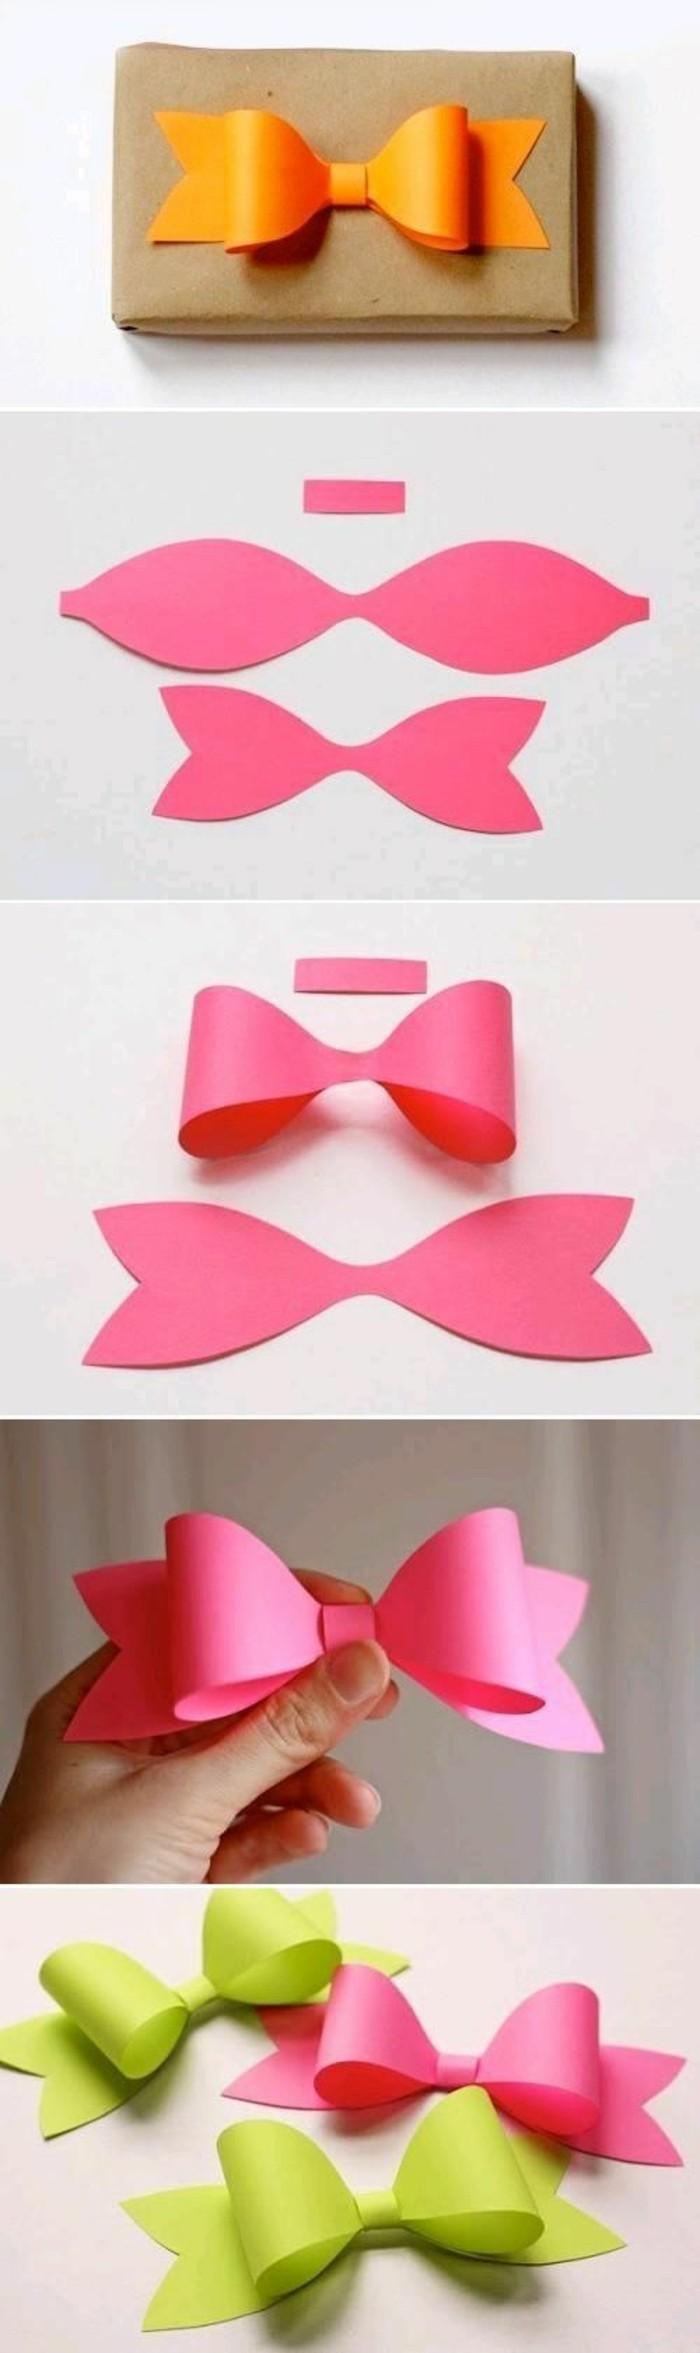 kreative-geschenkideen-originelle-geschenke-selbst-verpacken-schone-schleife